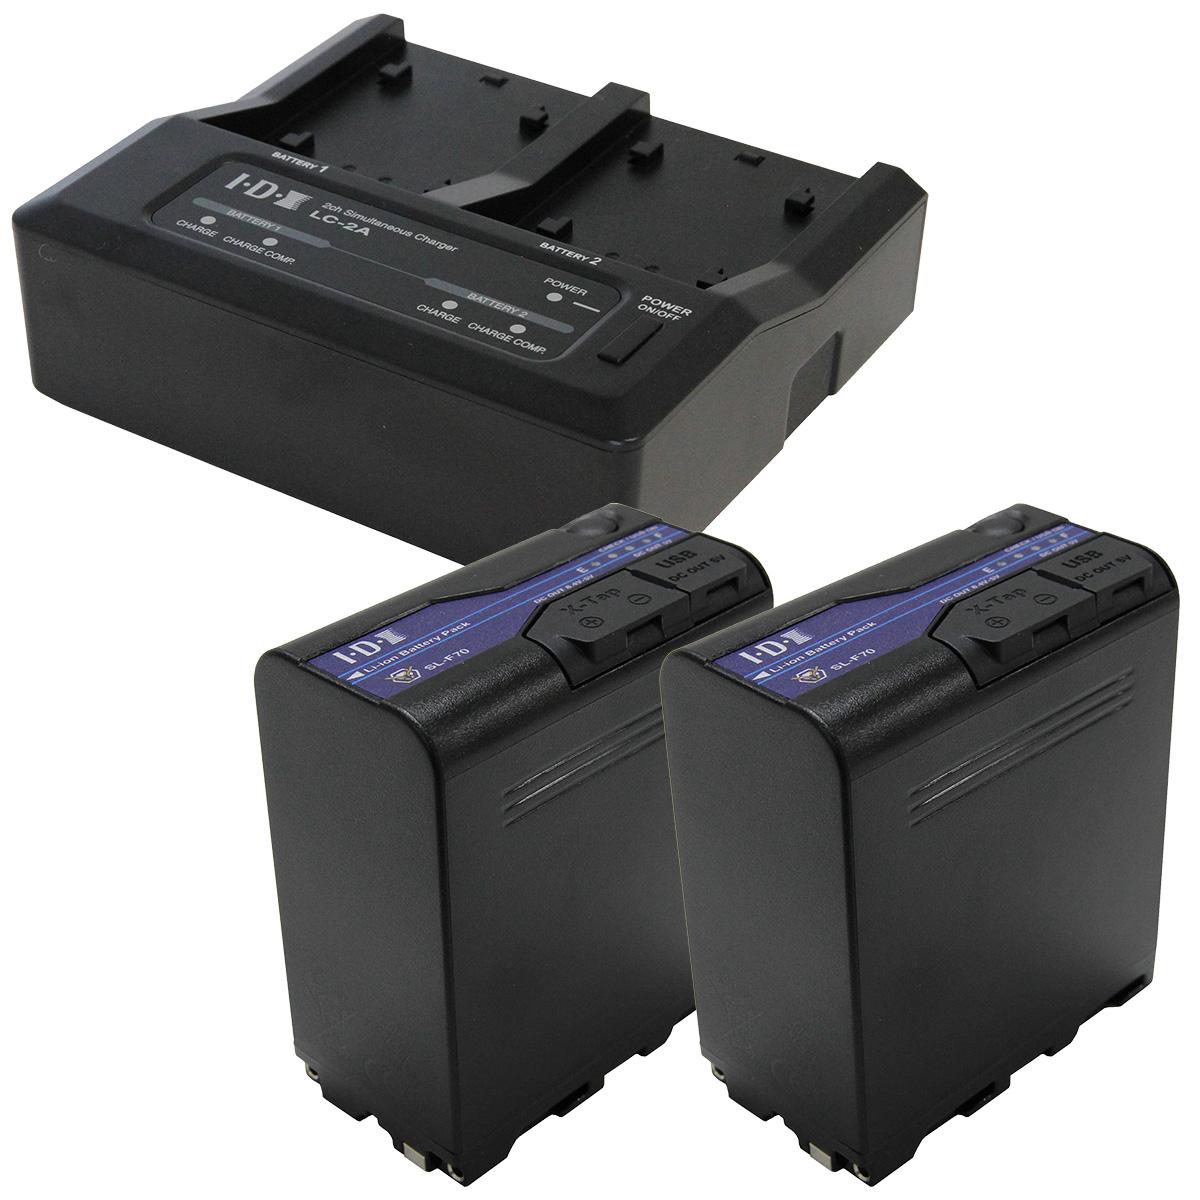 《新品》 送料無料 在庫あり IDX 公式サイト 新色追加 SL-F70 2本 LC-2A Lマウント7.2Vバッテリー 充電器セット